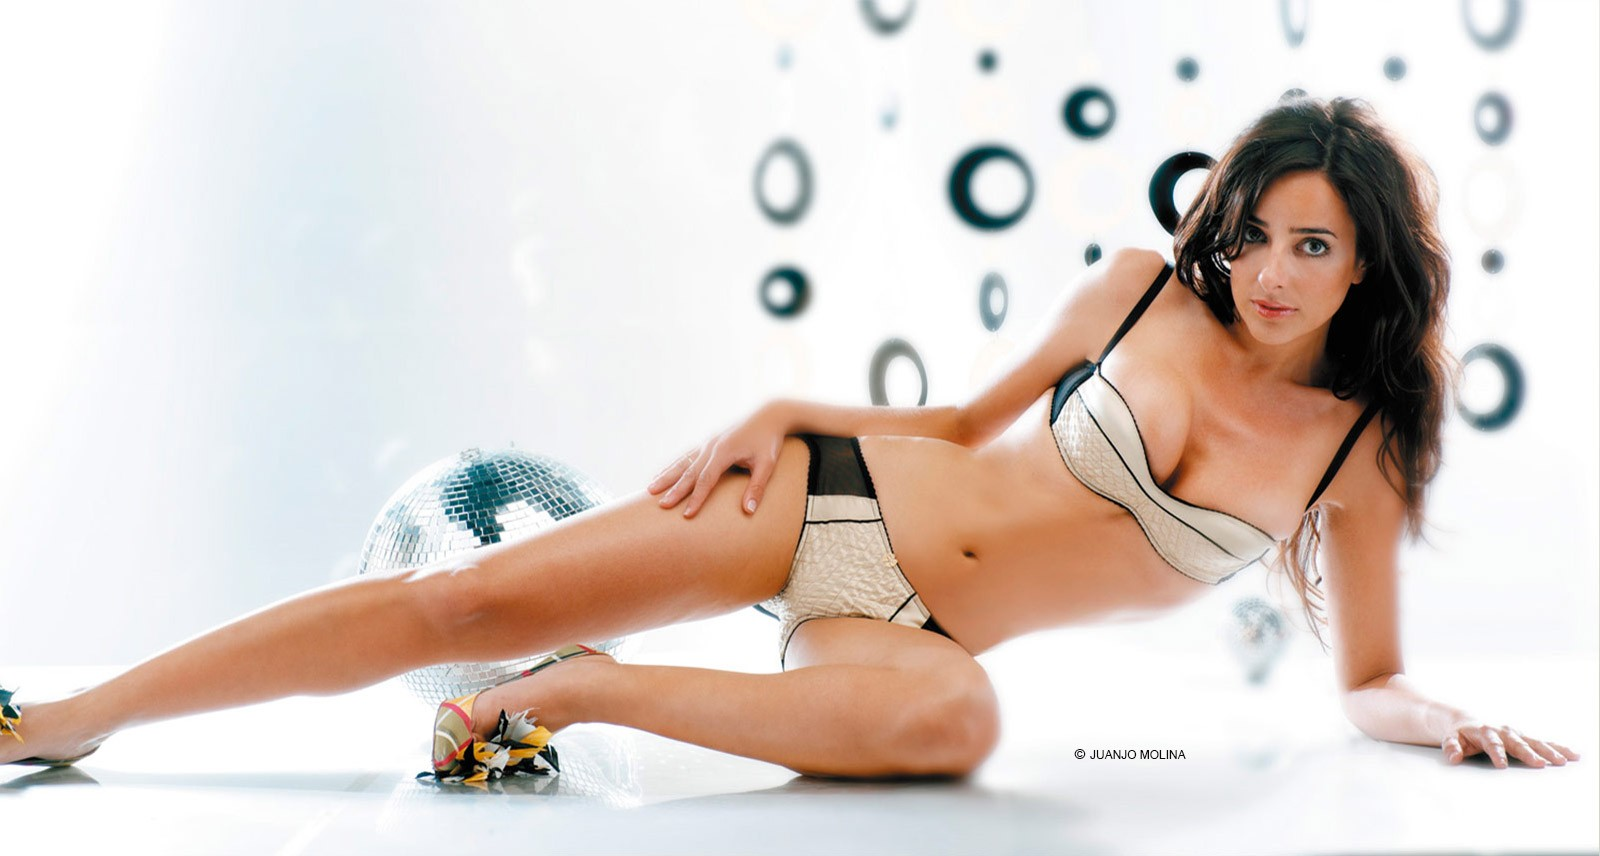 Carmen alcayde nude